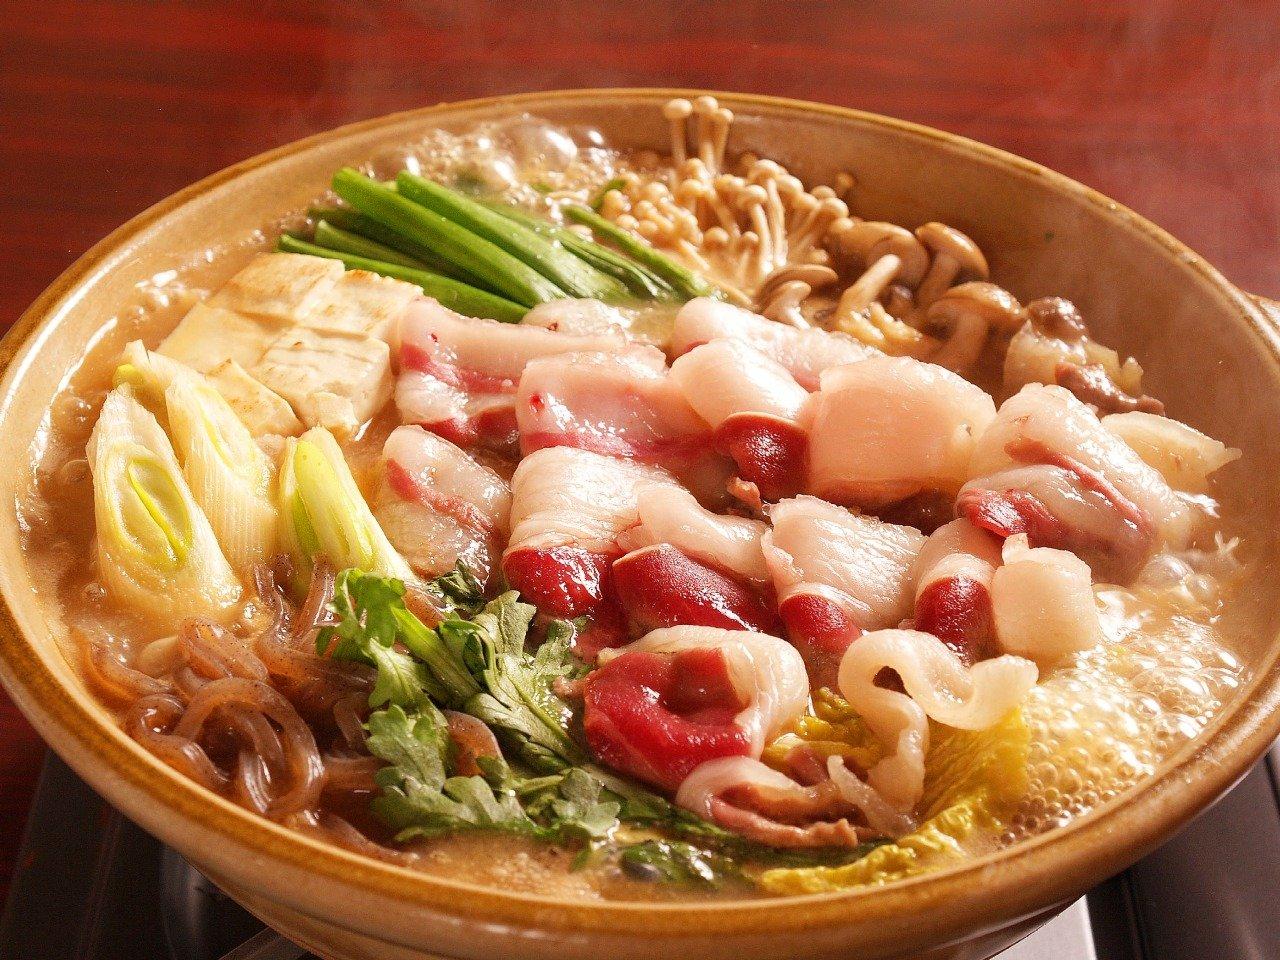 鍋料理에 대한 이미지 검색결과